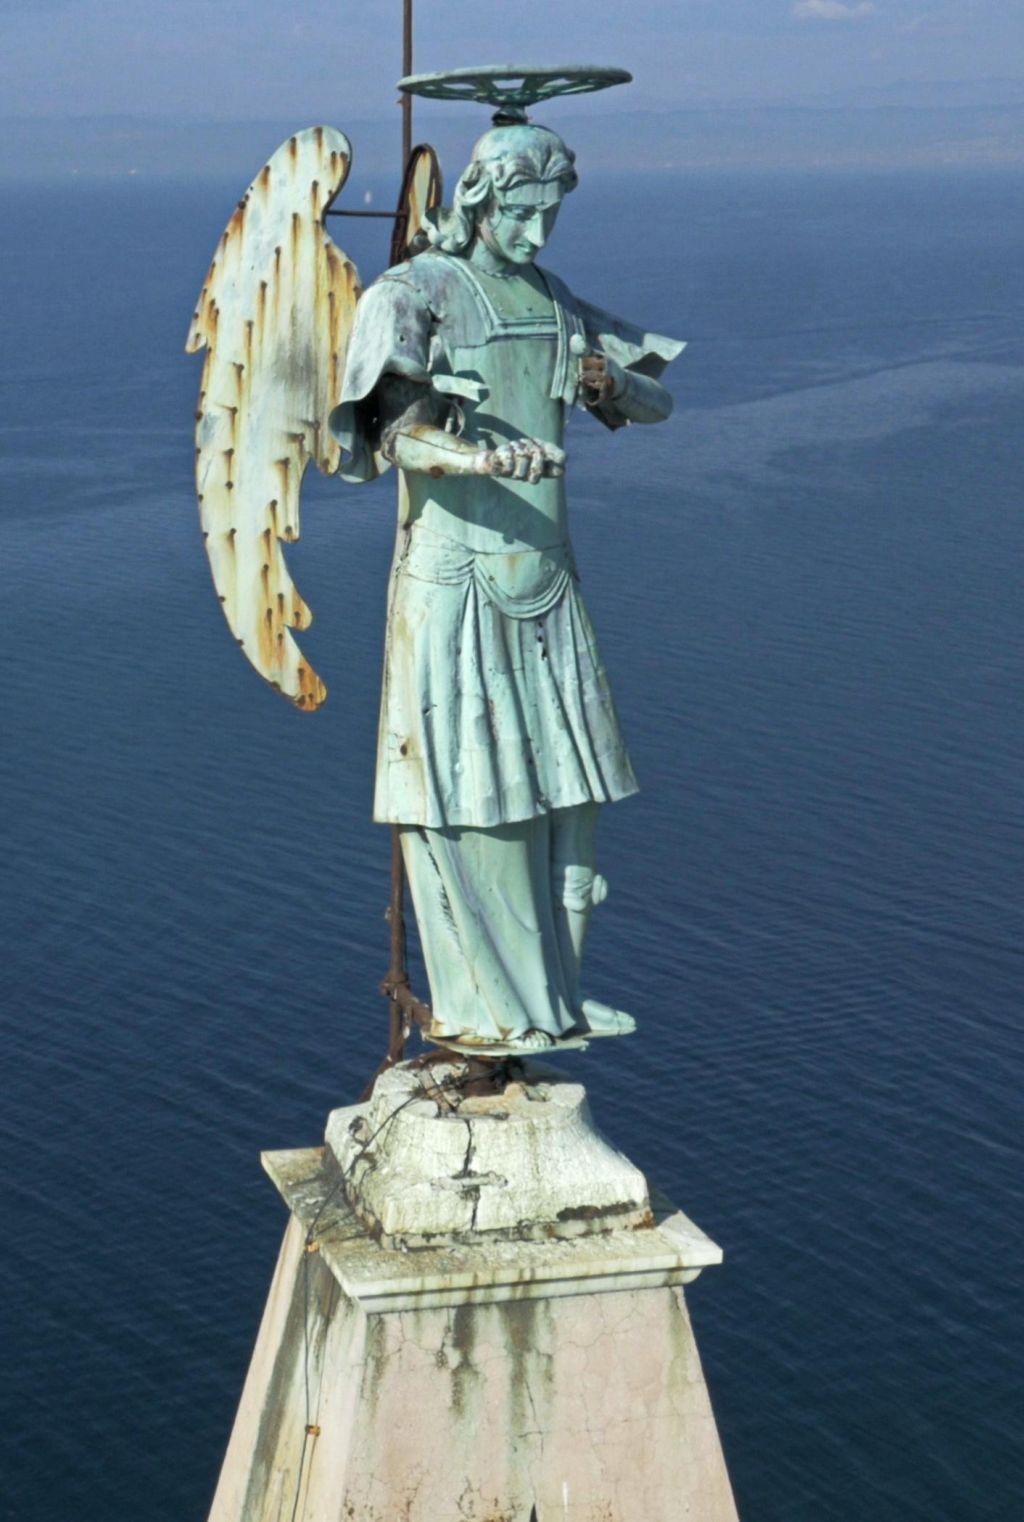 Angeli v Piranu ne letijo več brez vojske